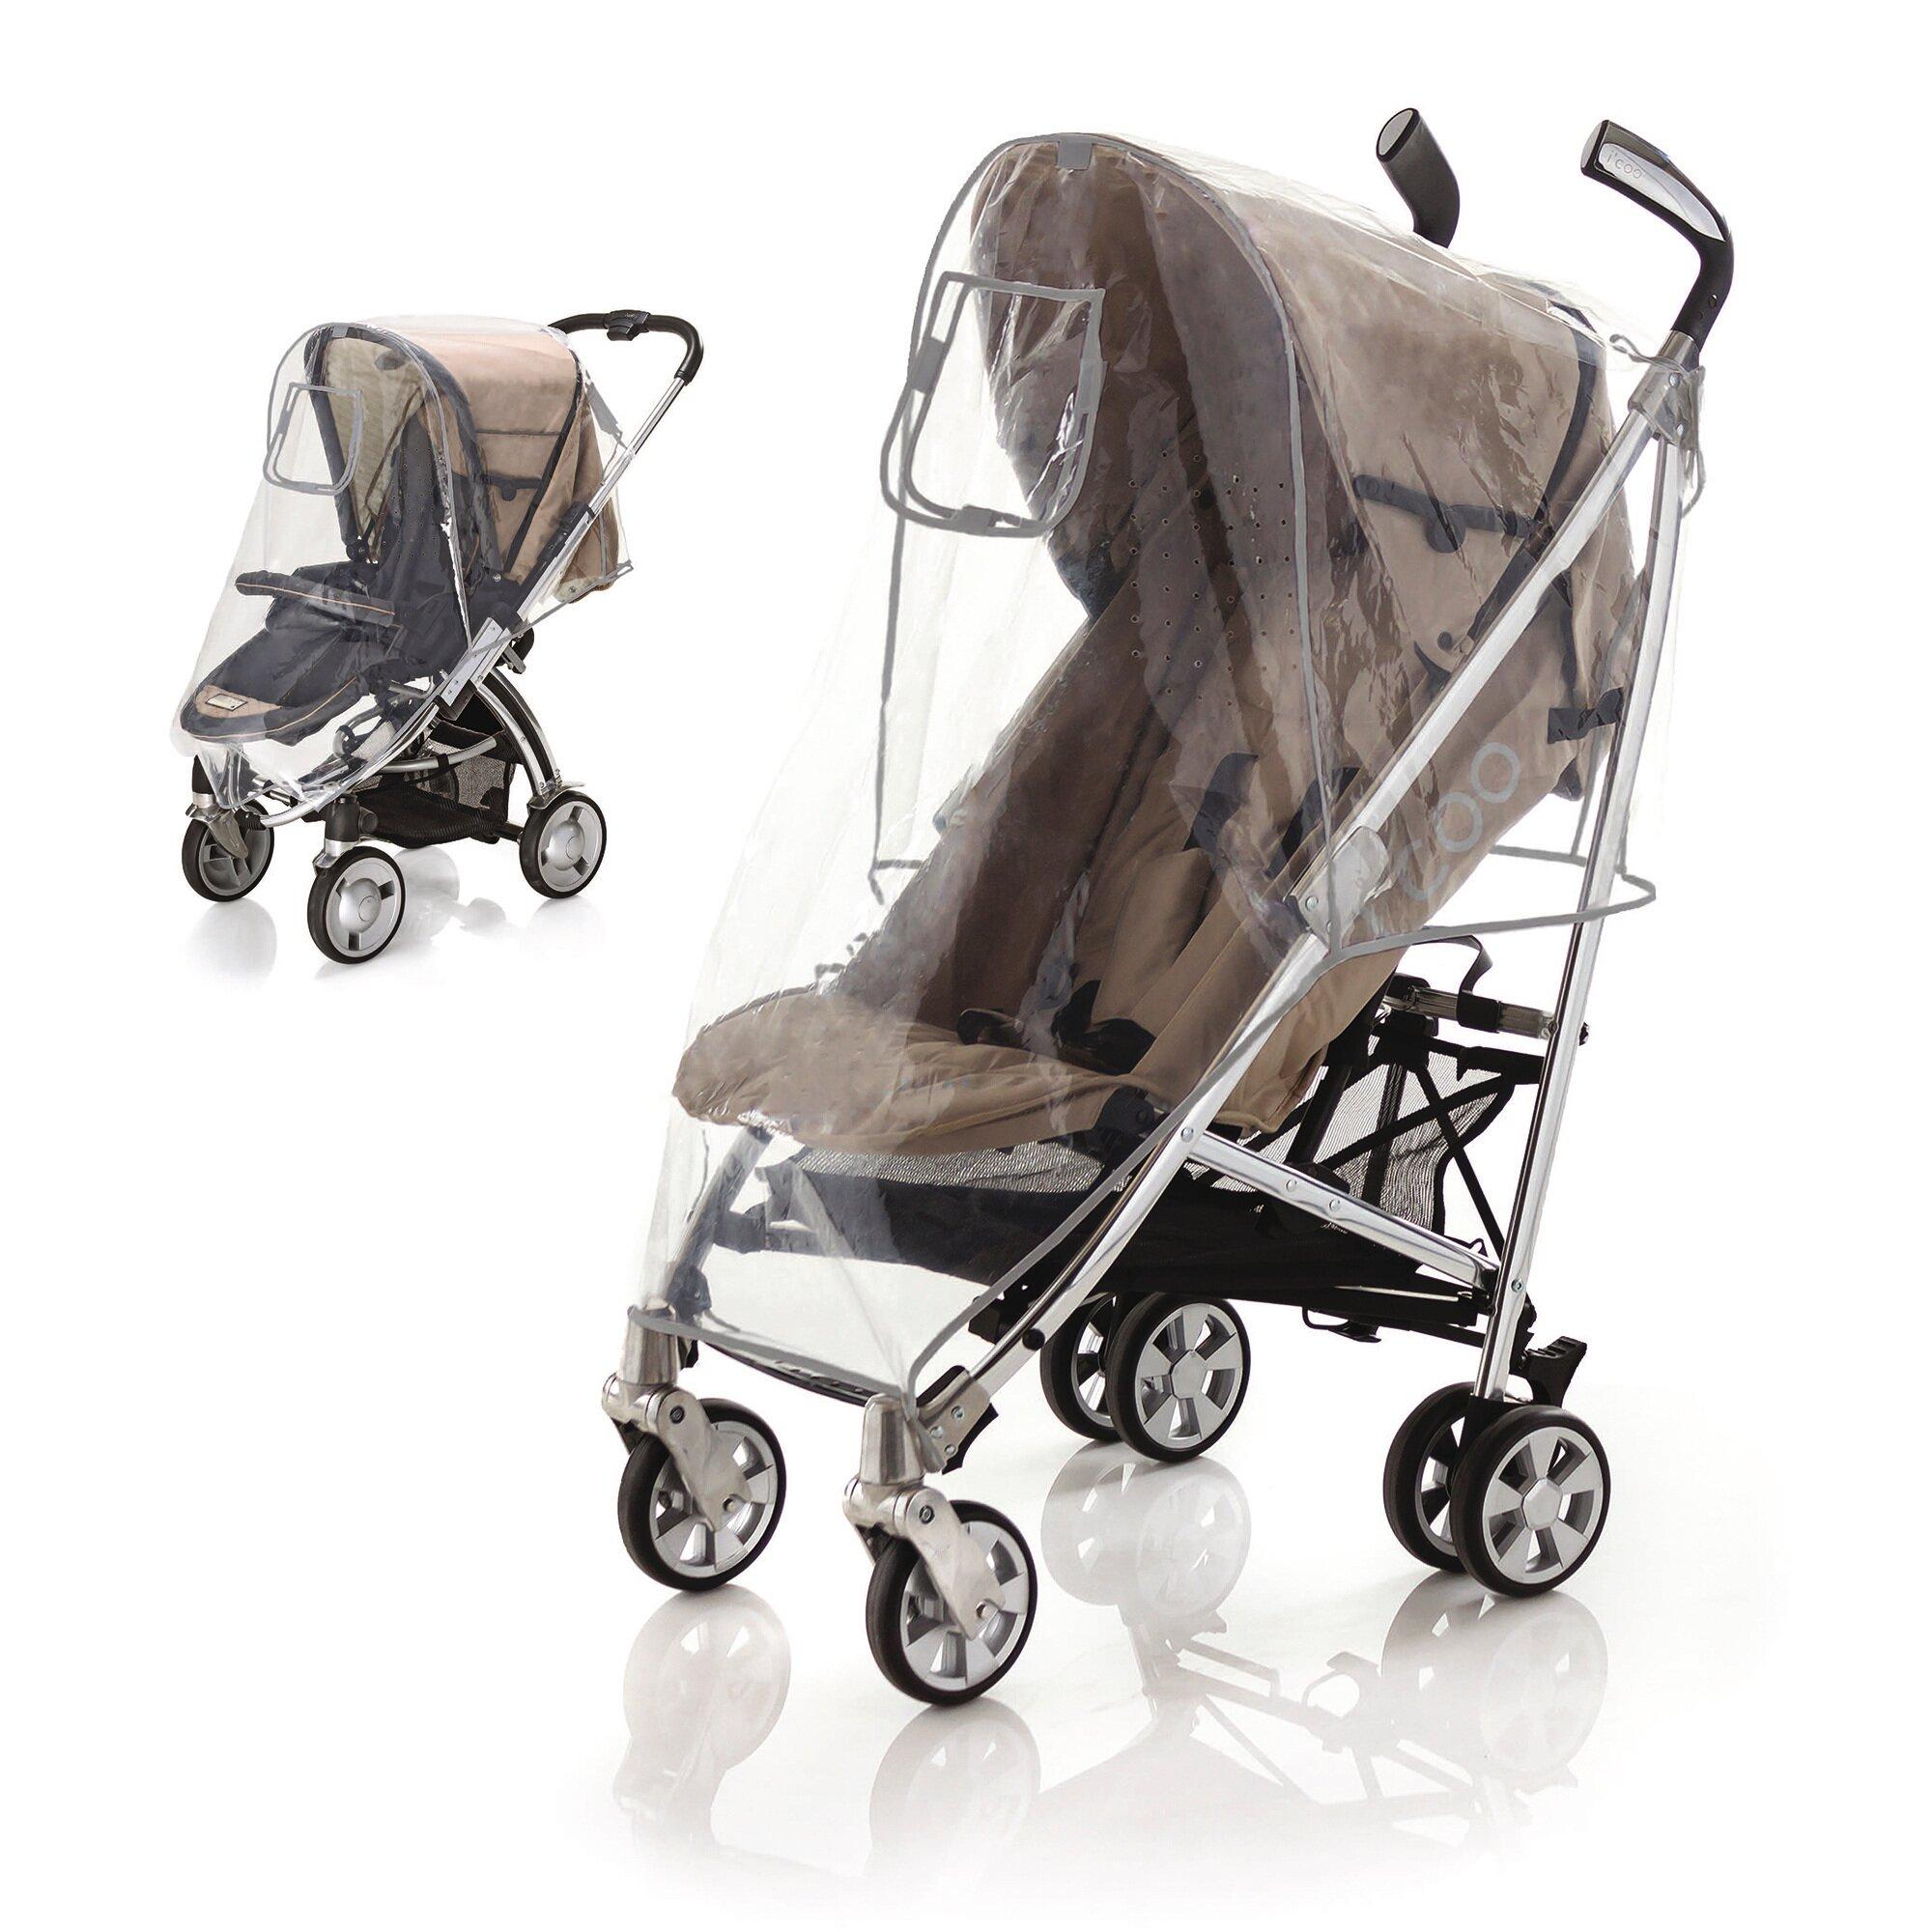 Diago Universal Regenschutz für Kinderwagen Sportwagen, Buggy transparent